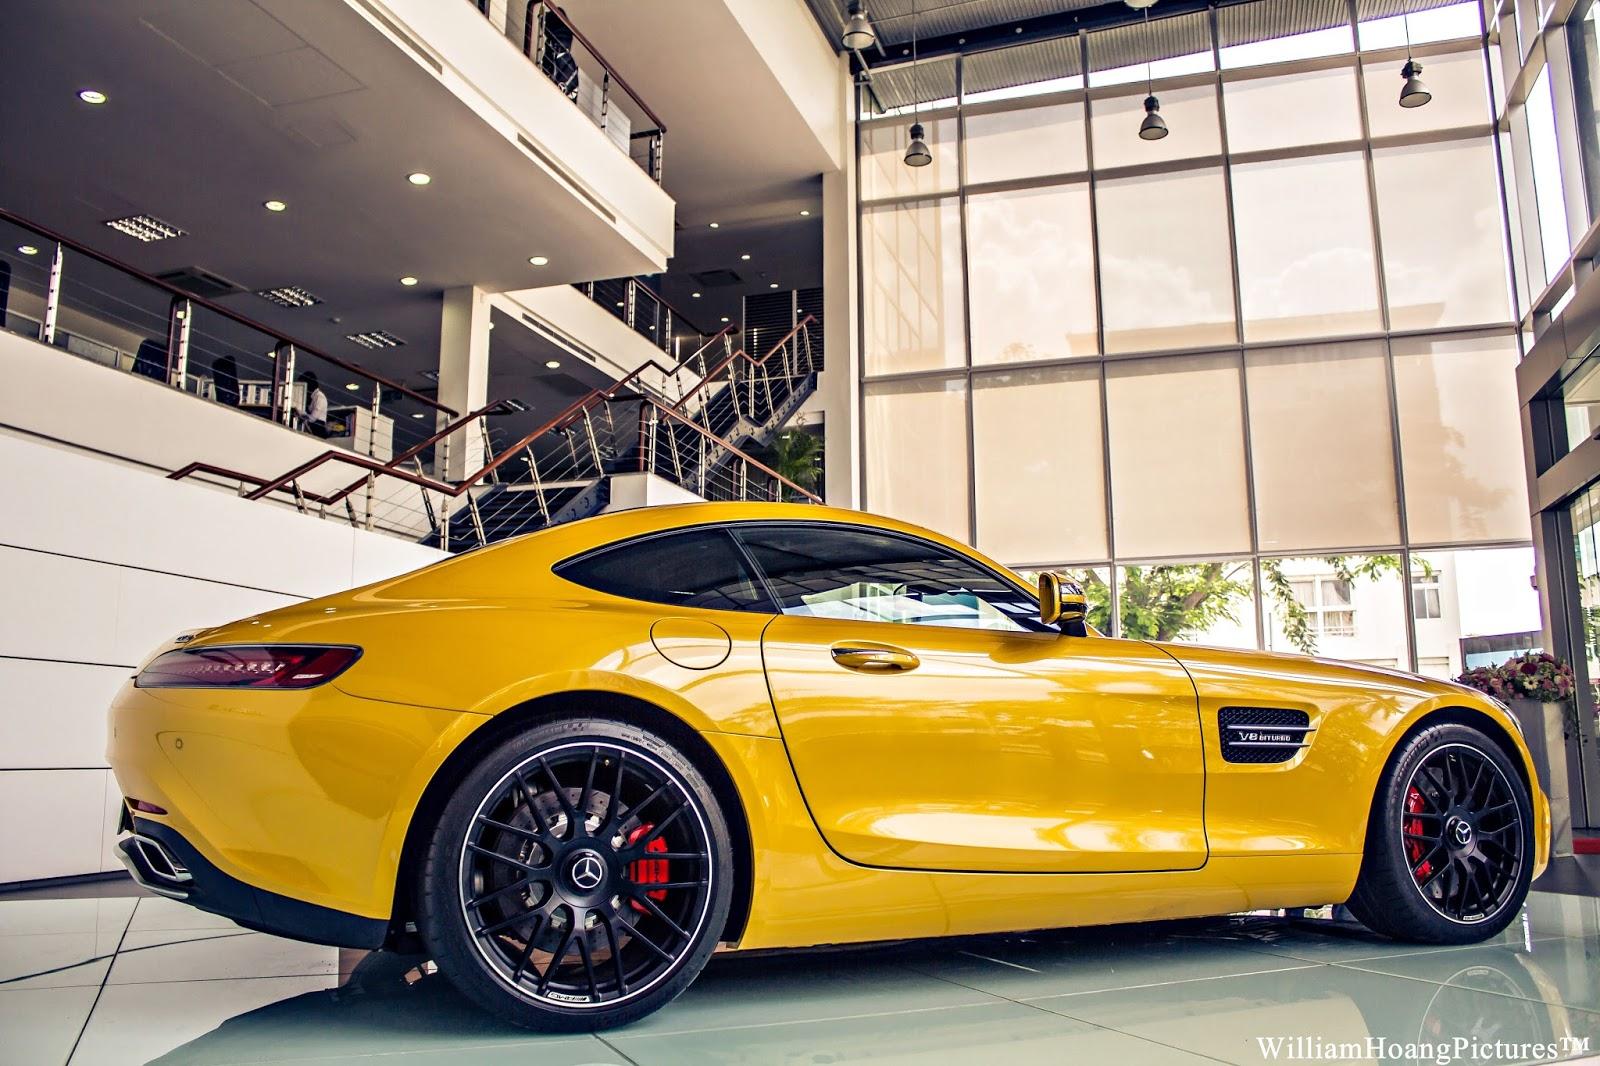 Nói về vẻ đẹp của Mercedes AMG GT S, thì có lẽ nói cả ngày cũng không hết